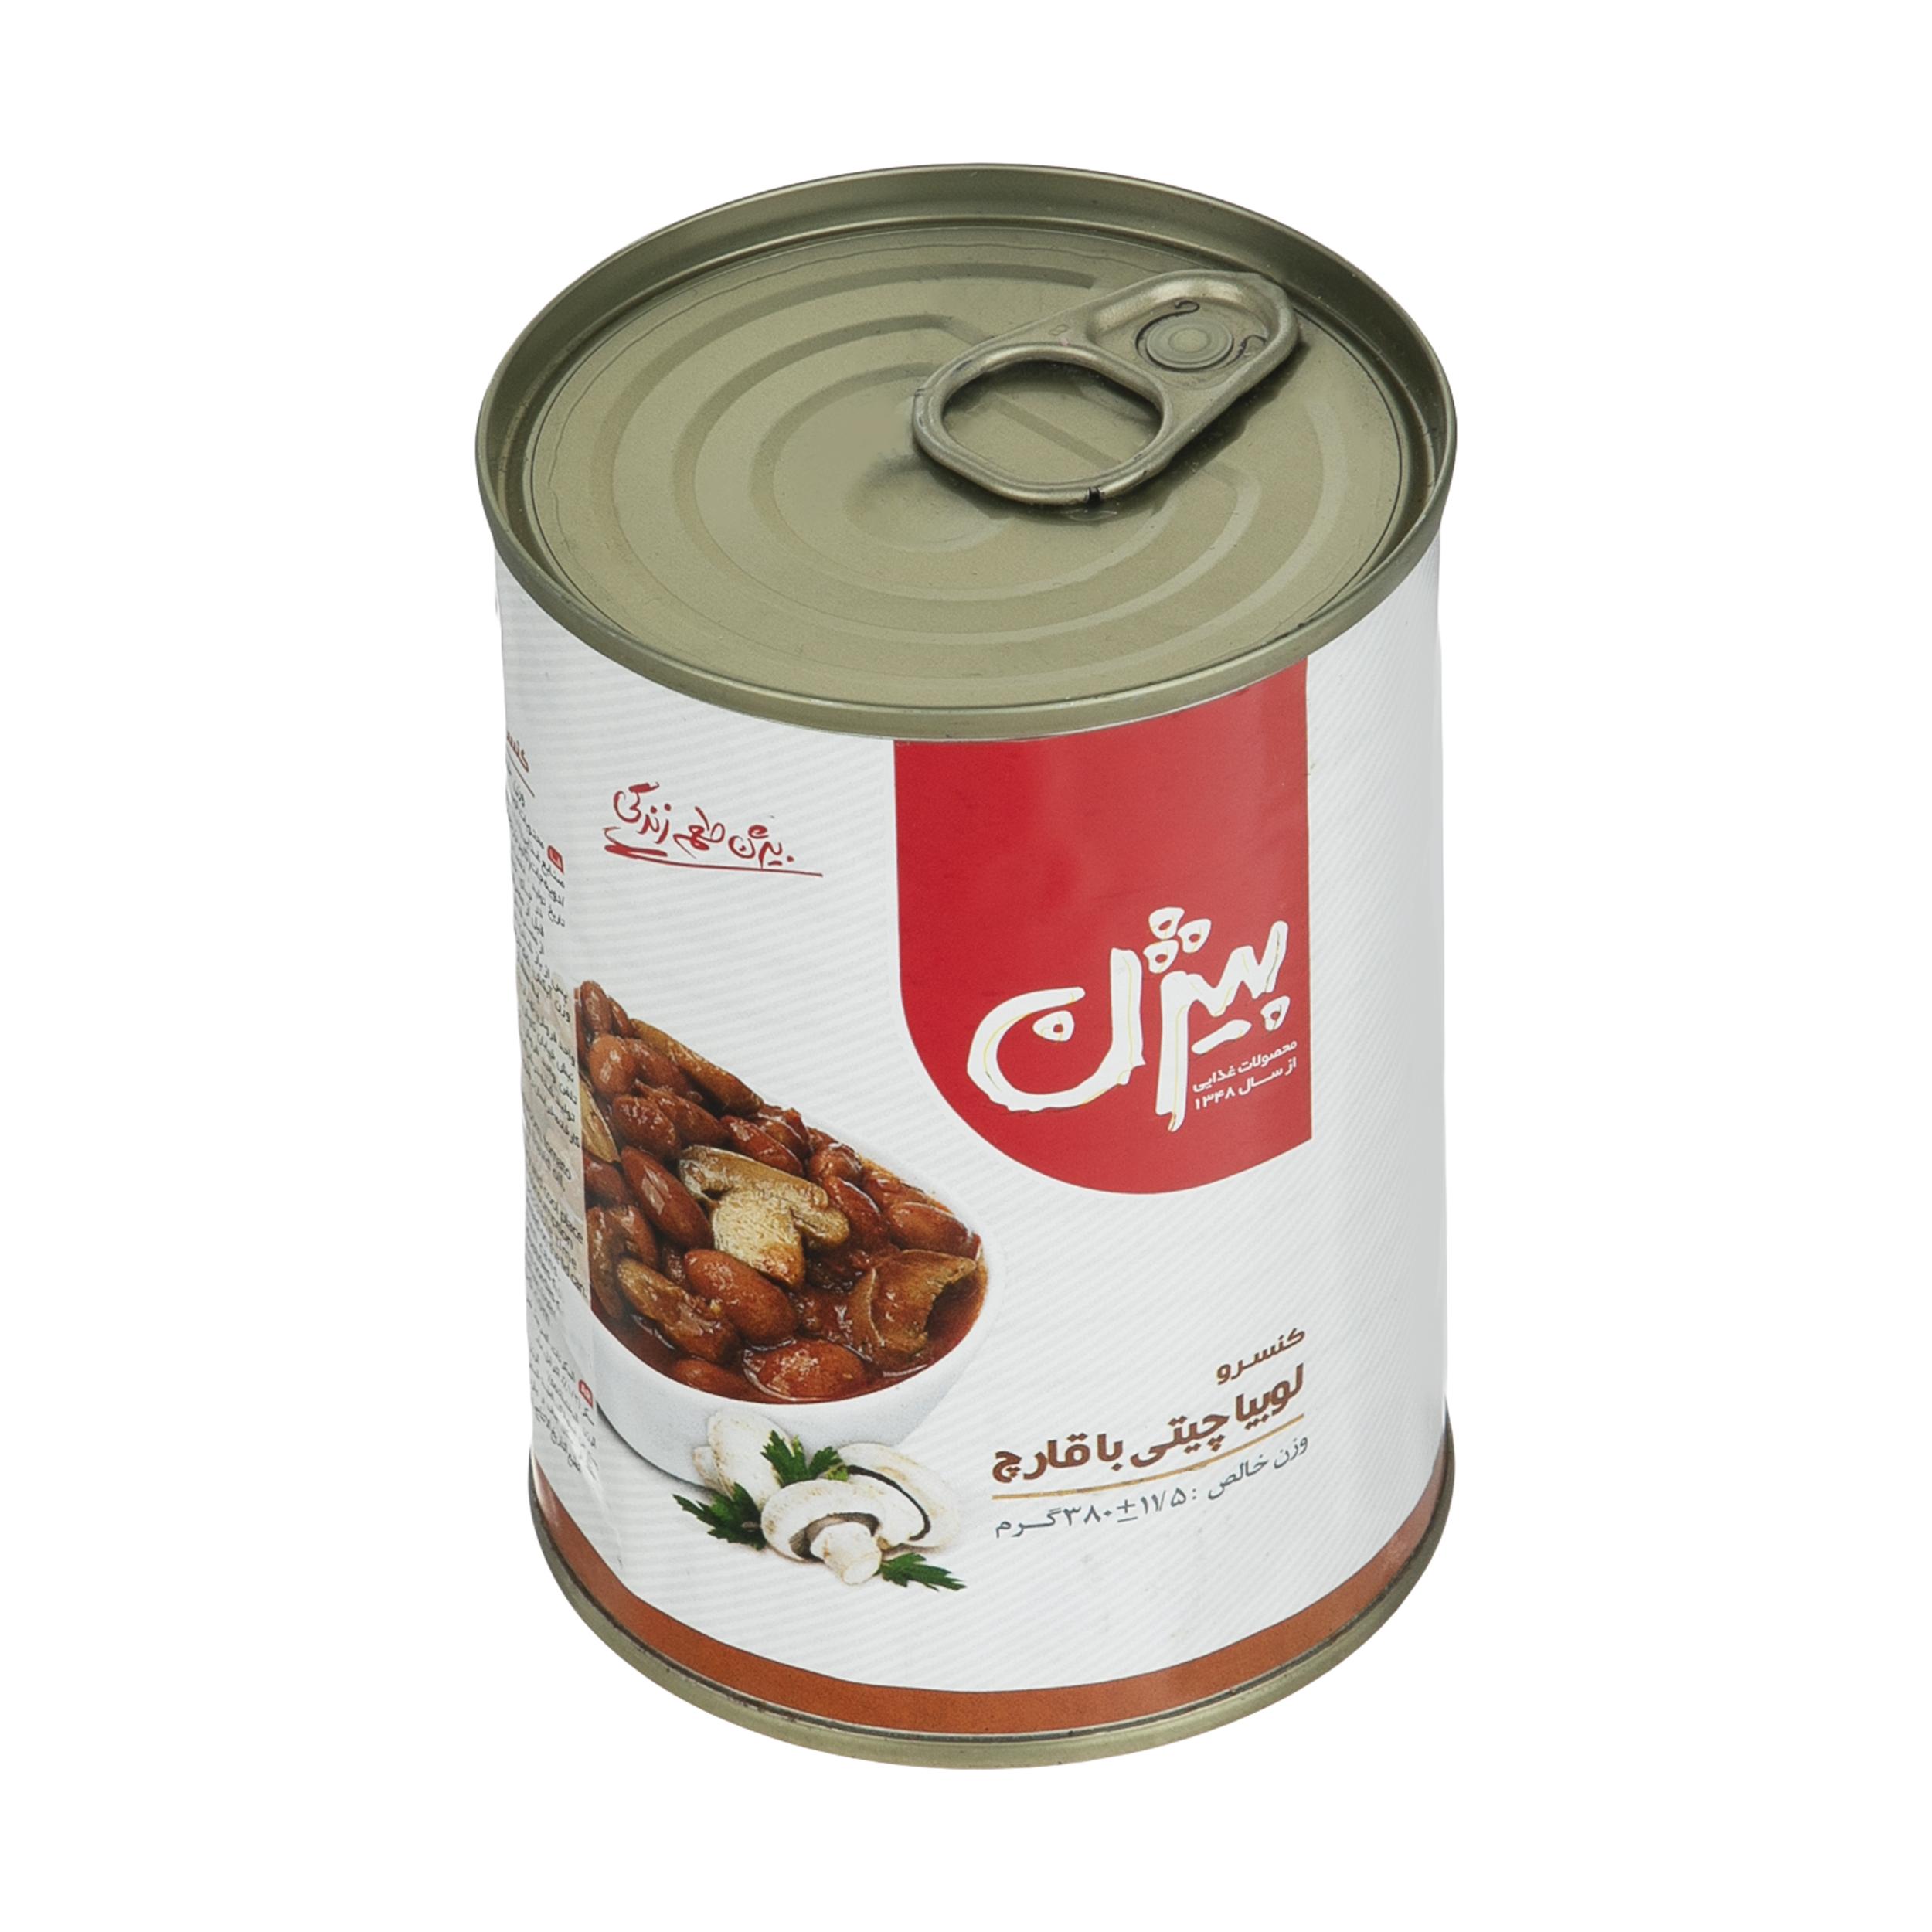 کنسرو لوبیا چیتی با قارچ بیژن - 380 گرم